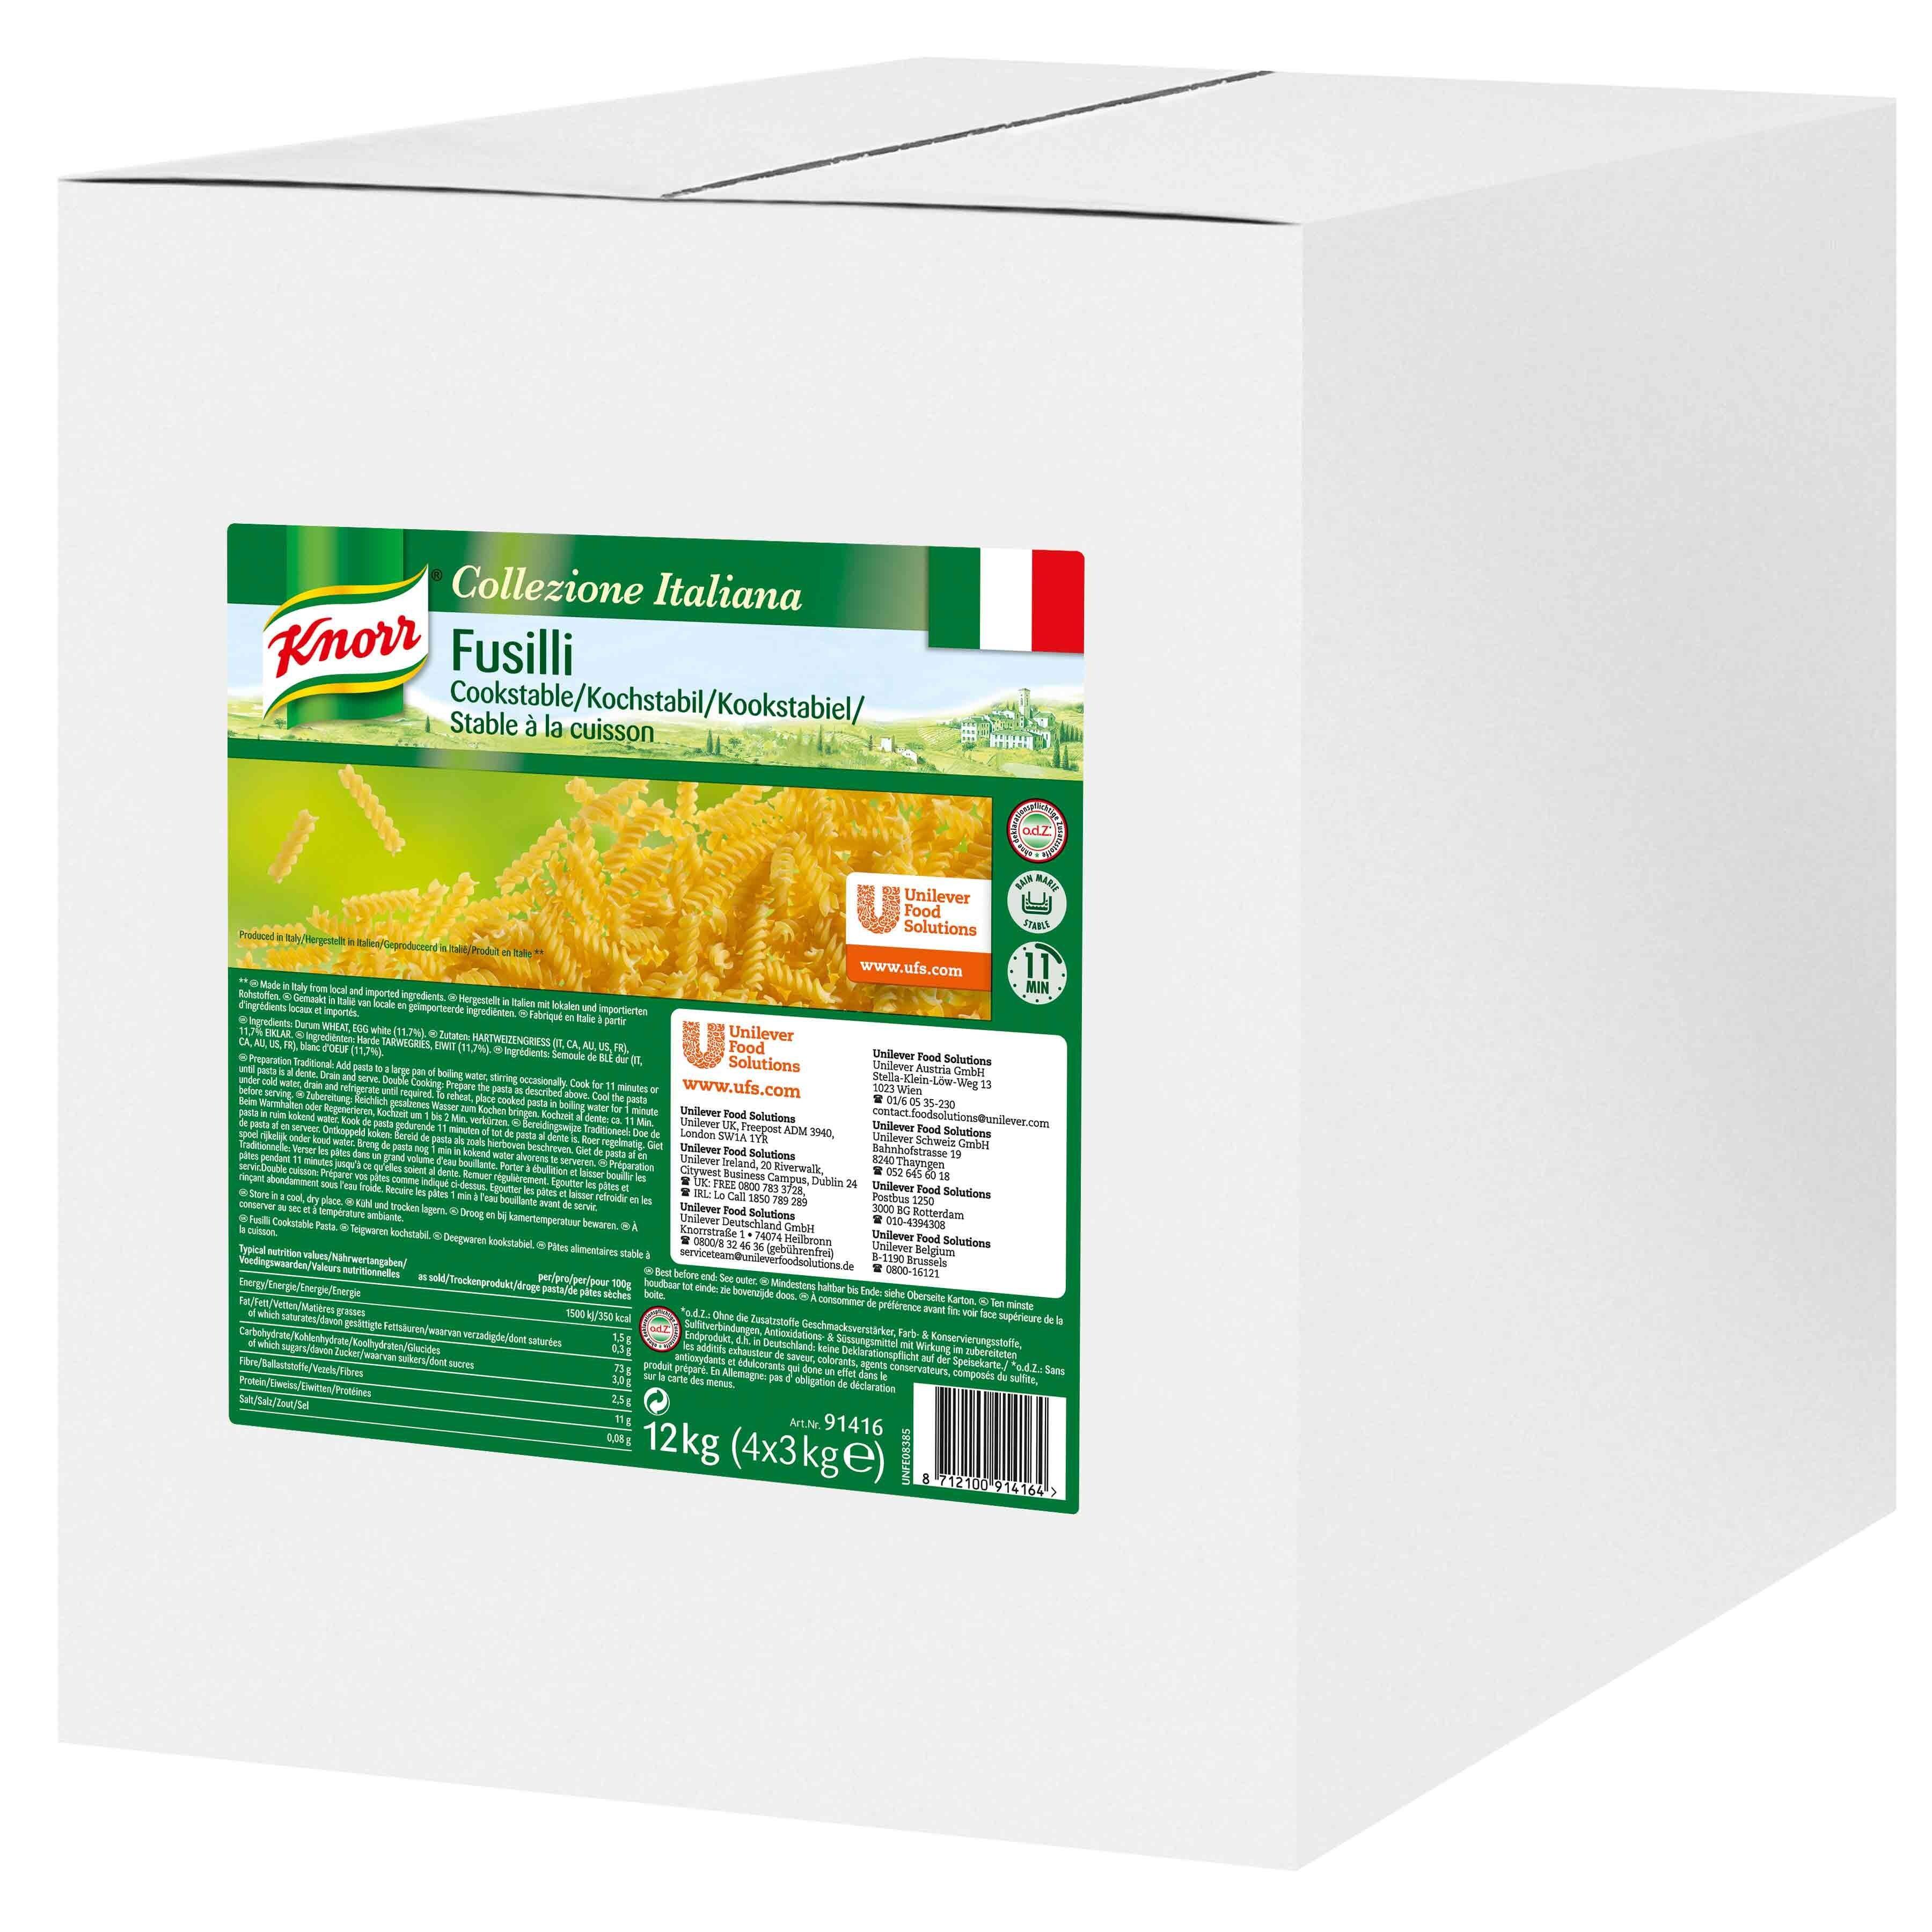 Knorr Fusilli 12kg Collezione Italiana Cooking Stable Pasta